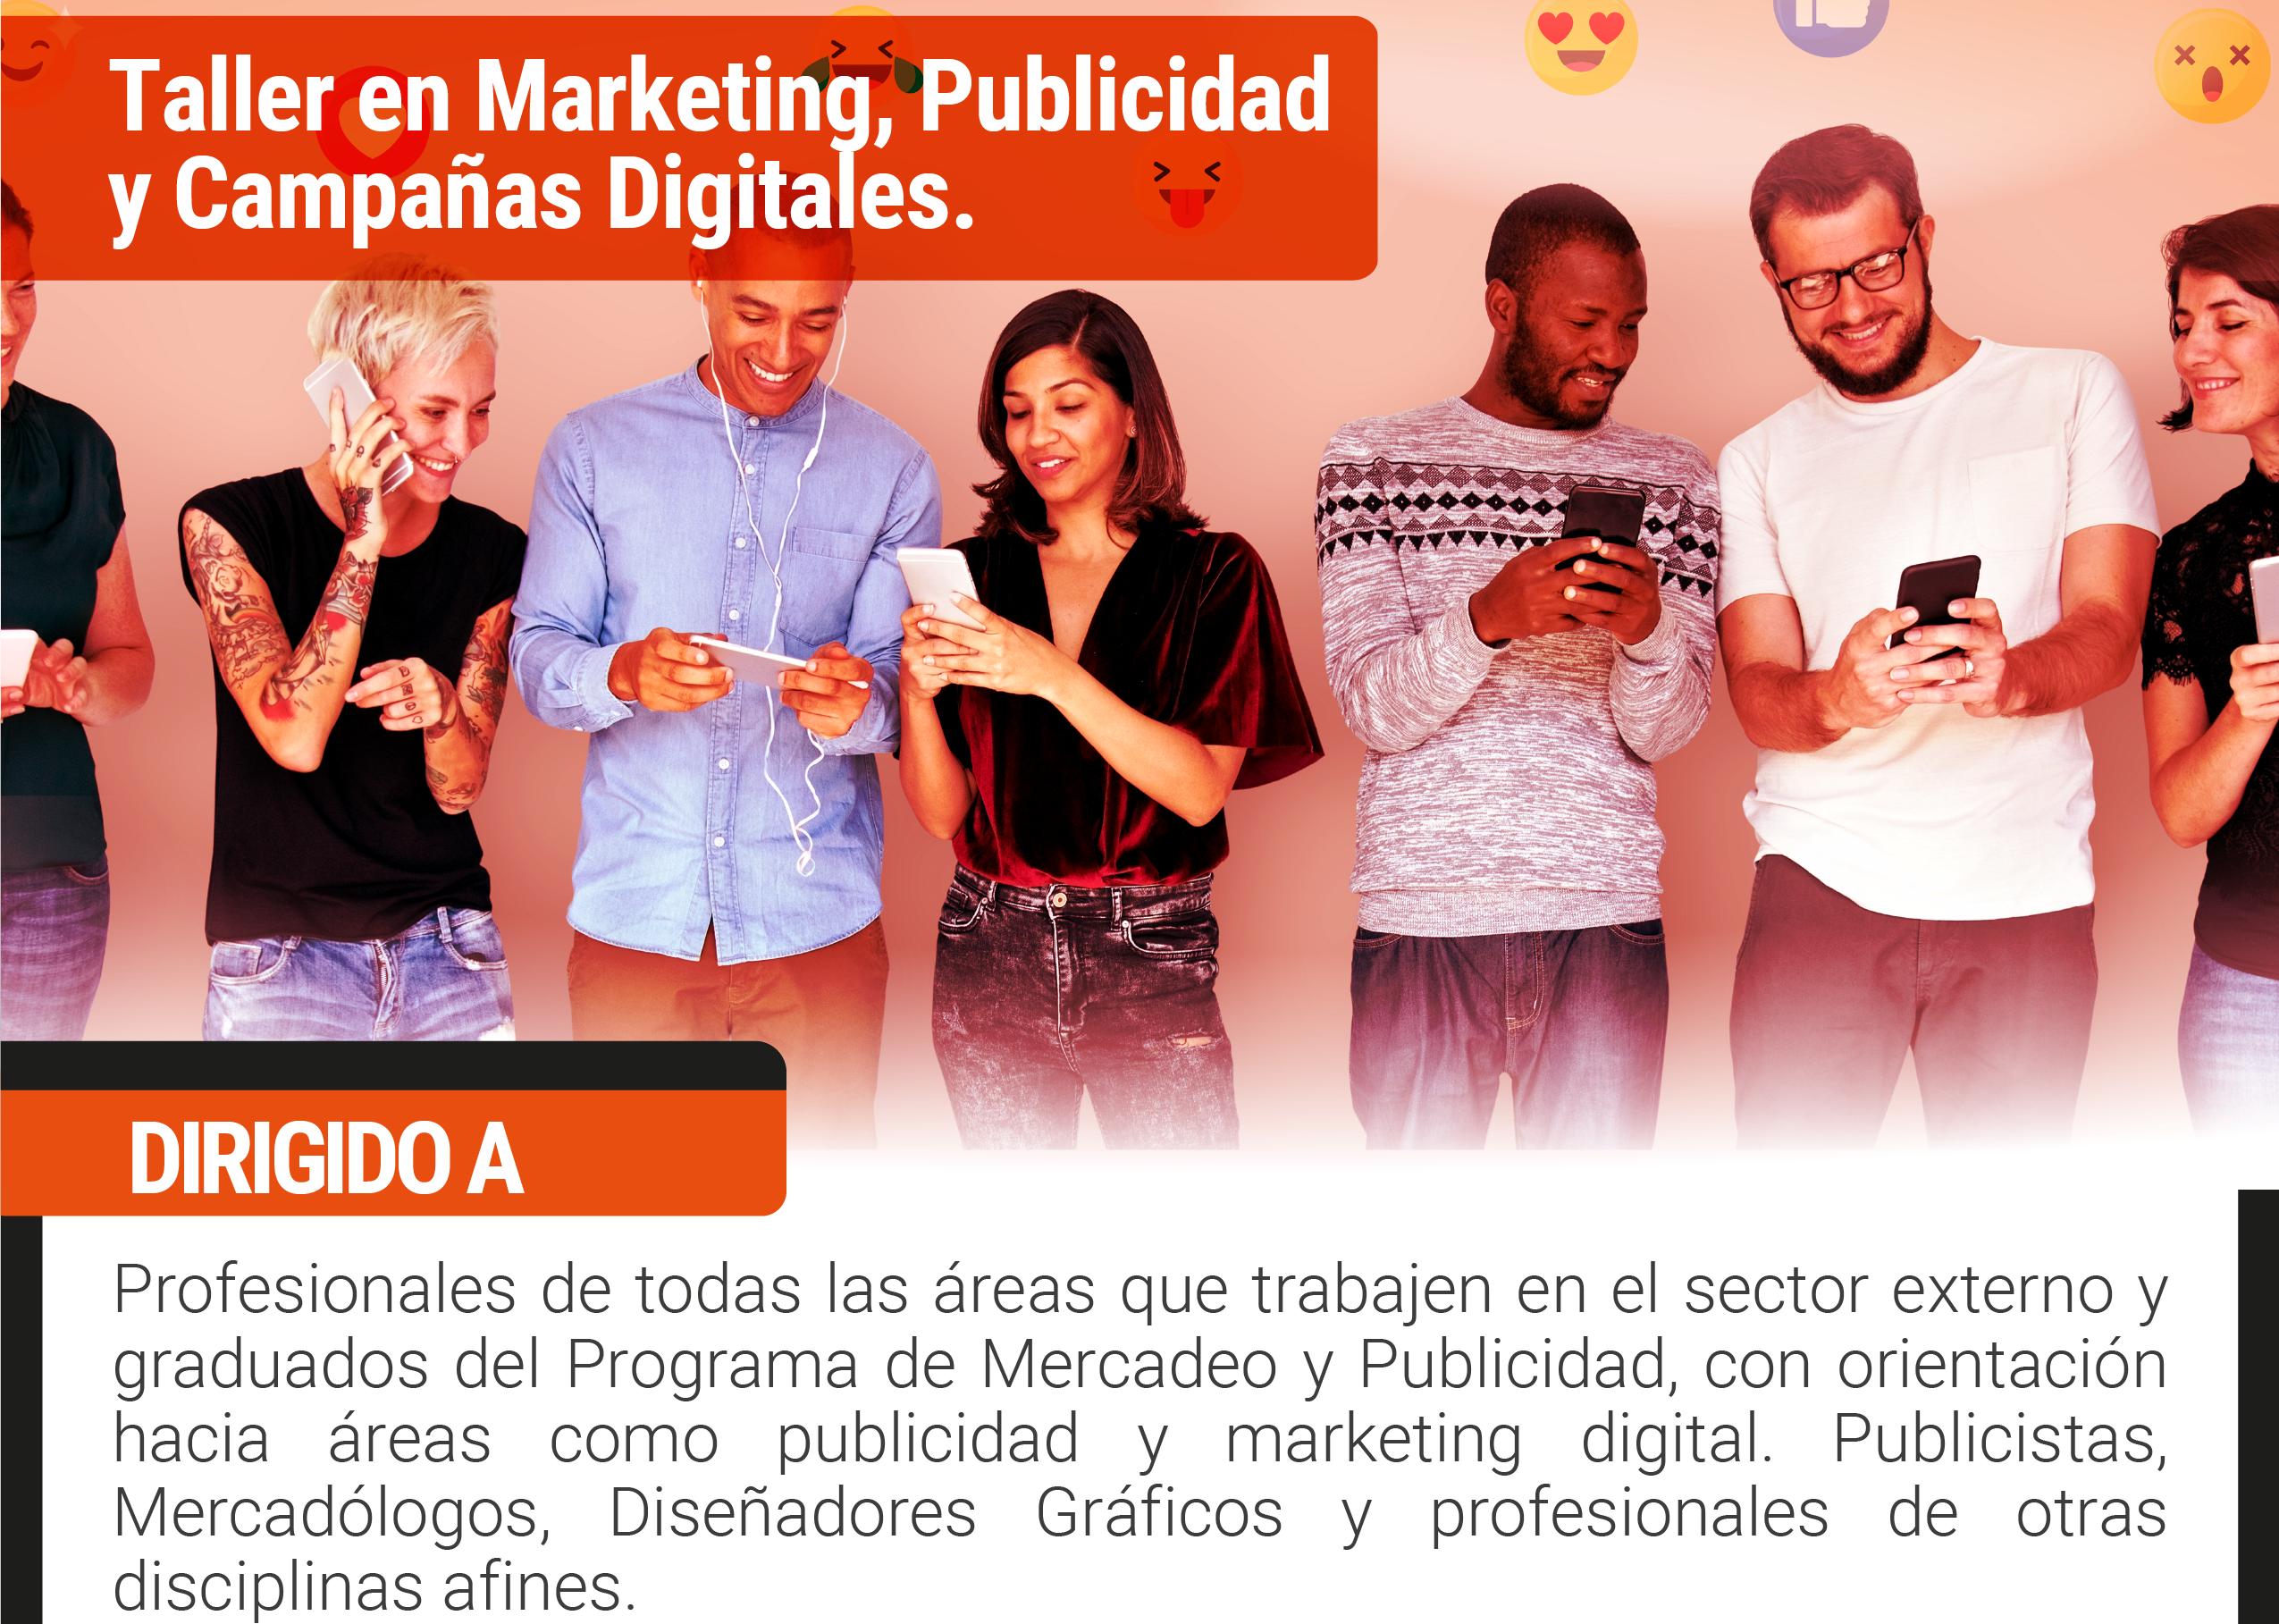 Taller en marketing, publicidad y campañas digitales